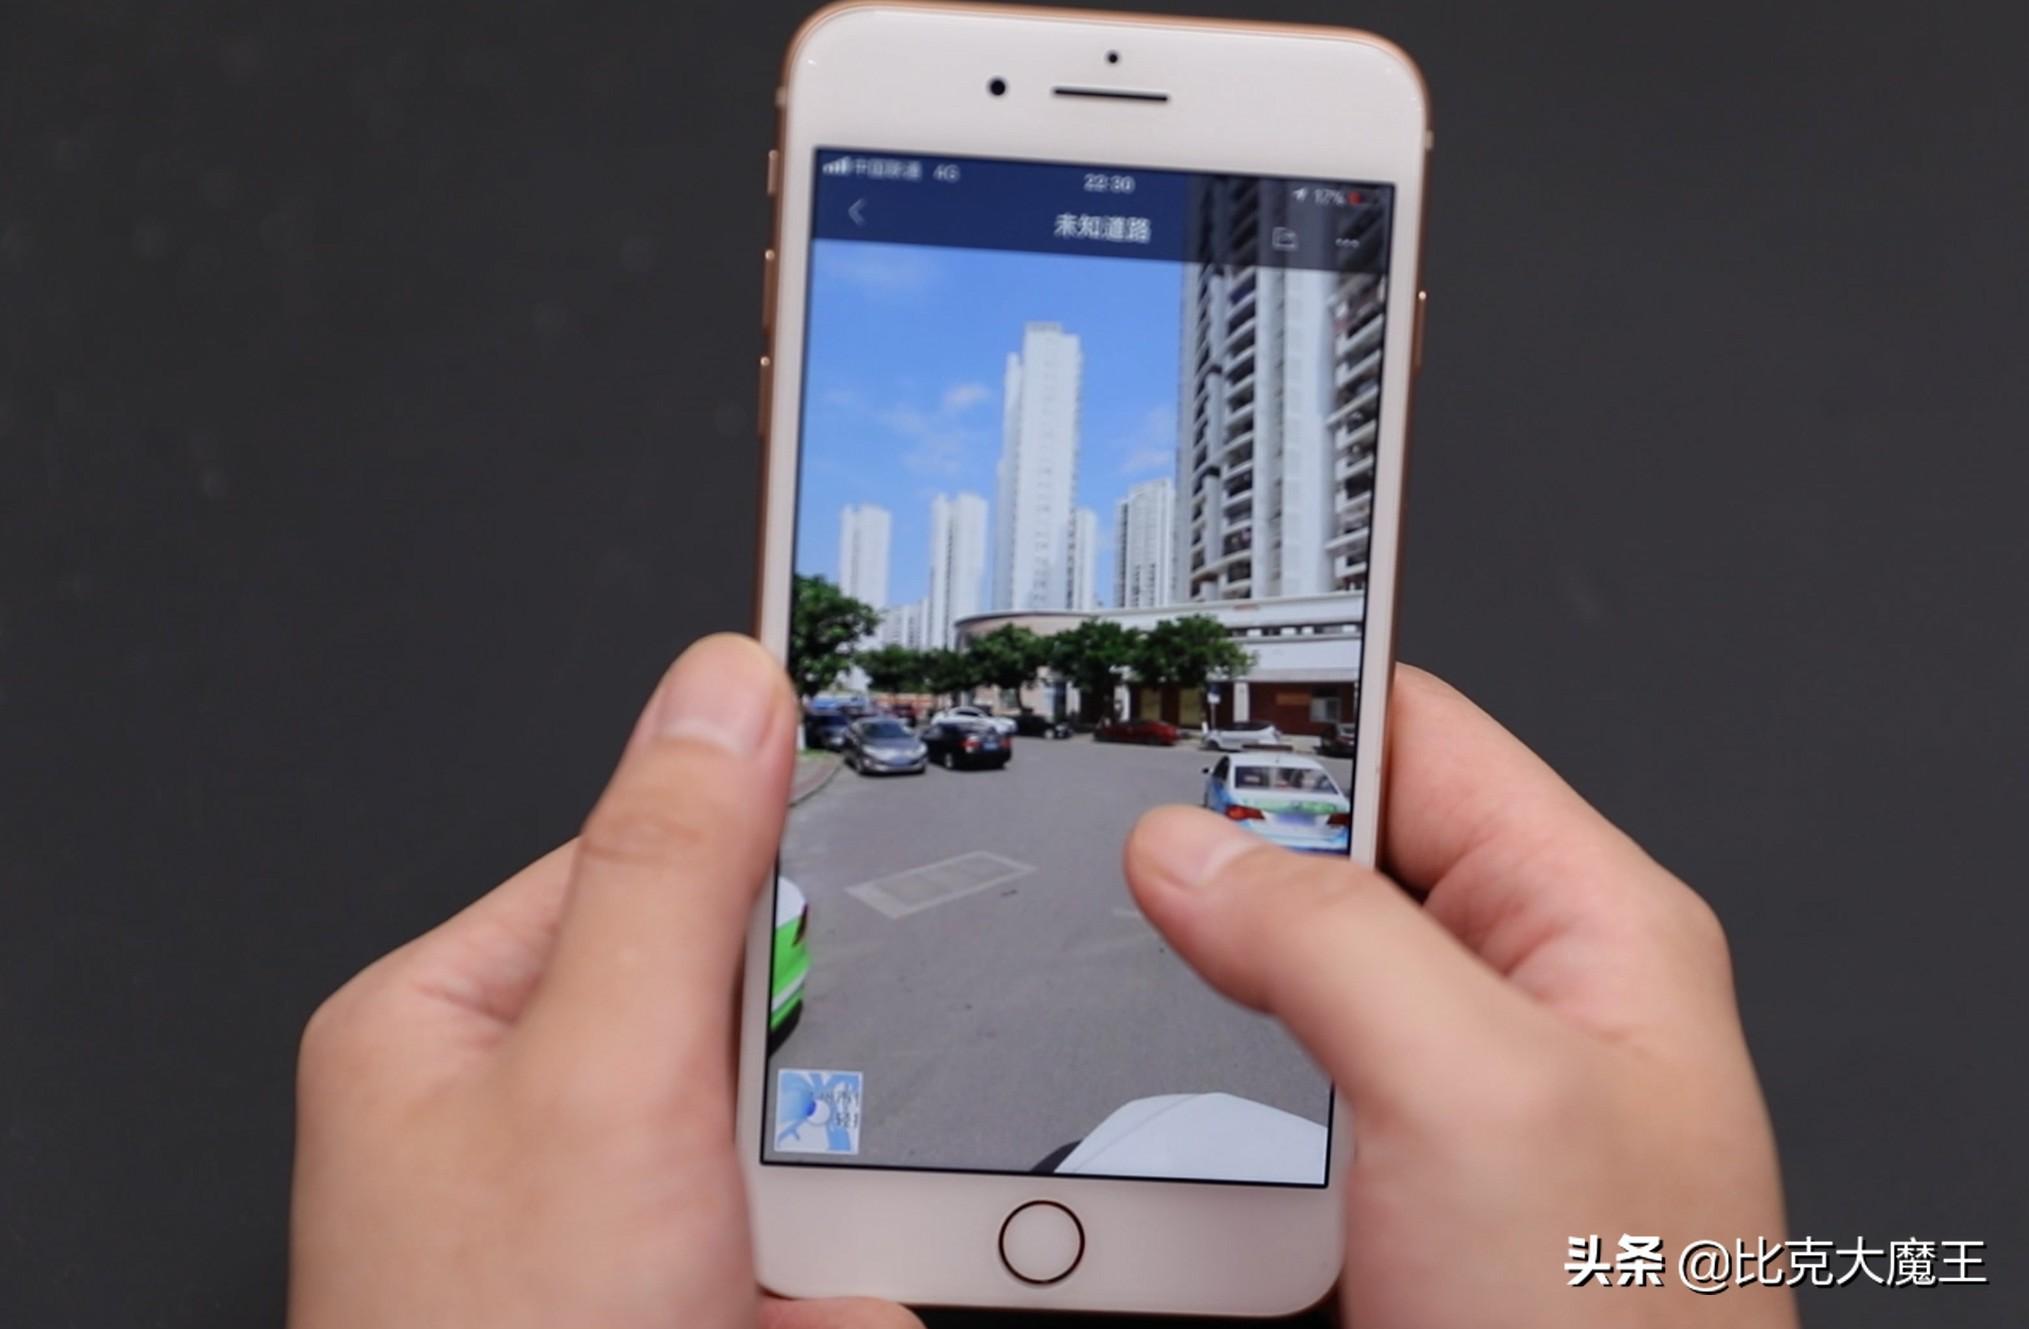 打开手机实景地图,连你家门口都可以清晰看到,方便又好用 家务 第11张